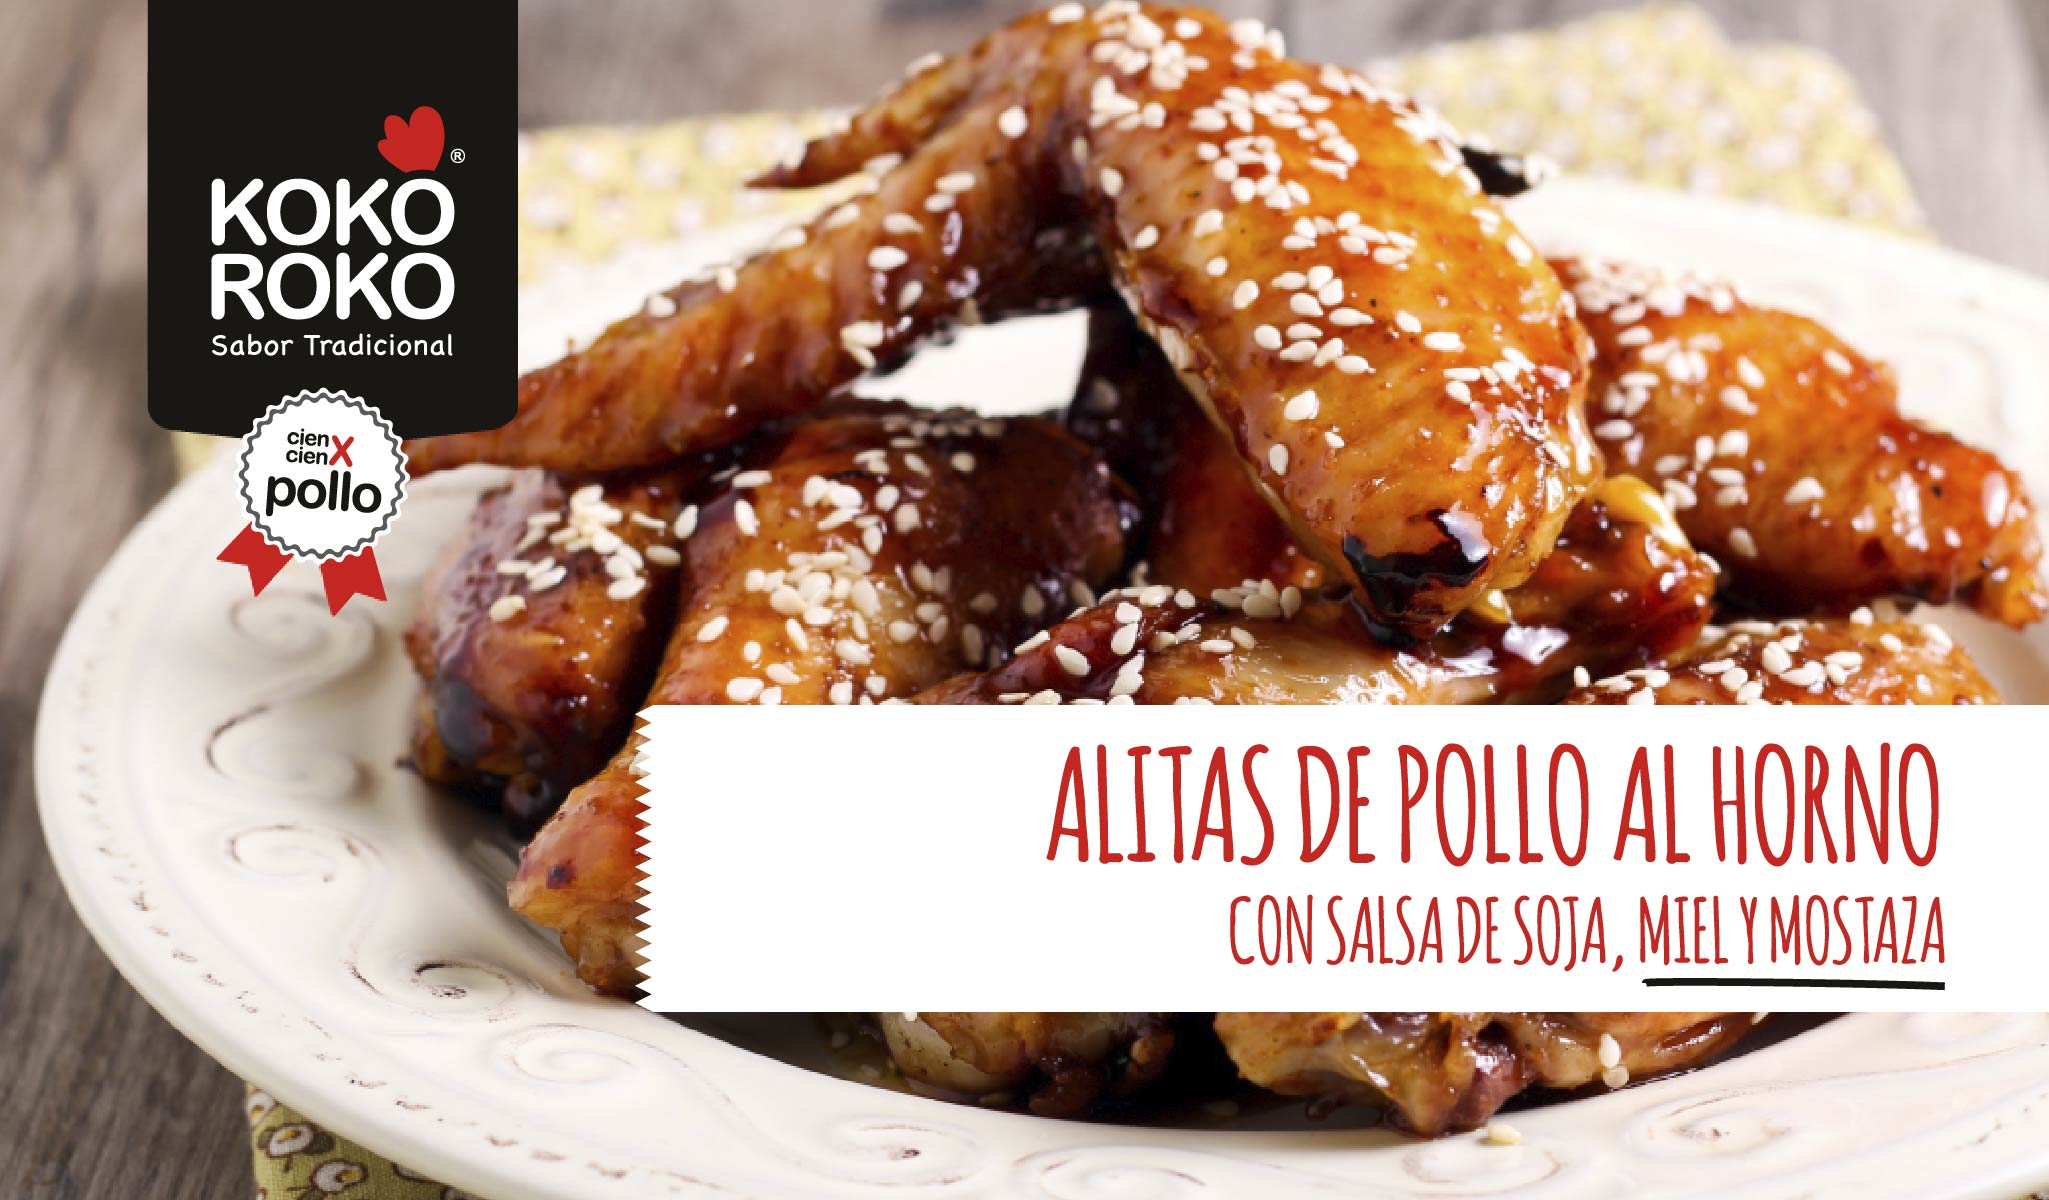 Alitas de pollo al horno con salsa de soja, miel y mostaza